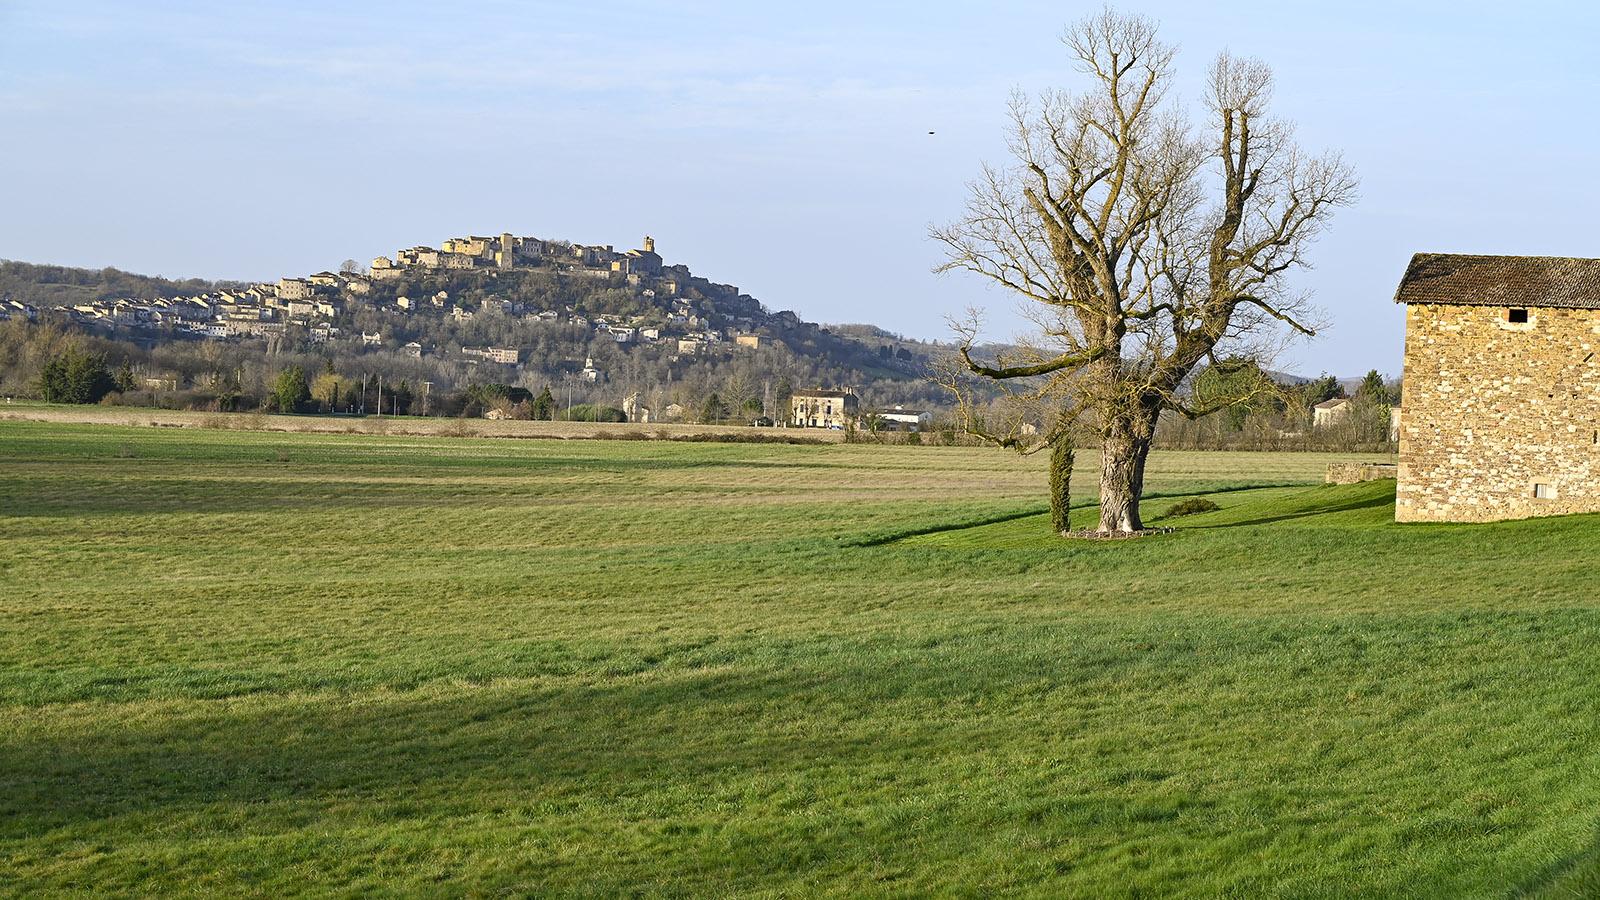 Aus der Ebene erhebt sich die Bastide von Cordes-sur-ciel auf einem Felskegel. Foto: Hilke Maunder